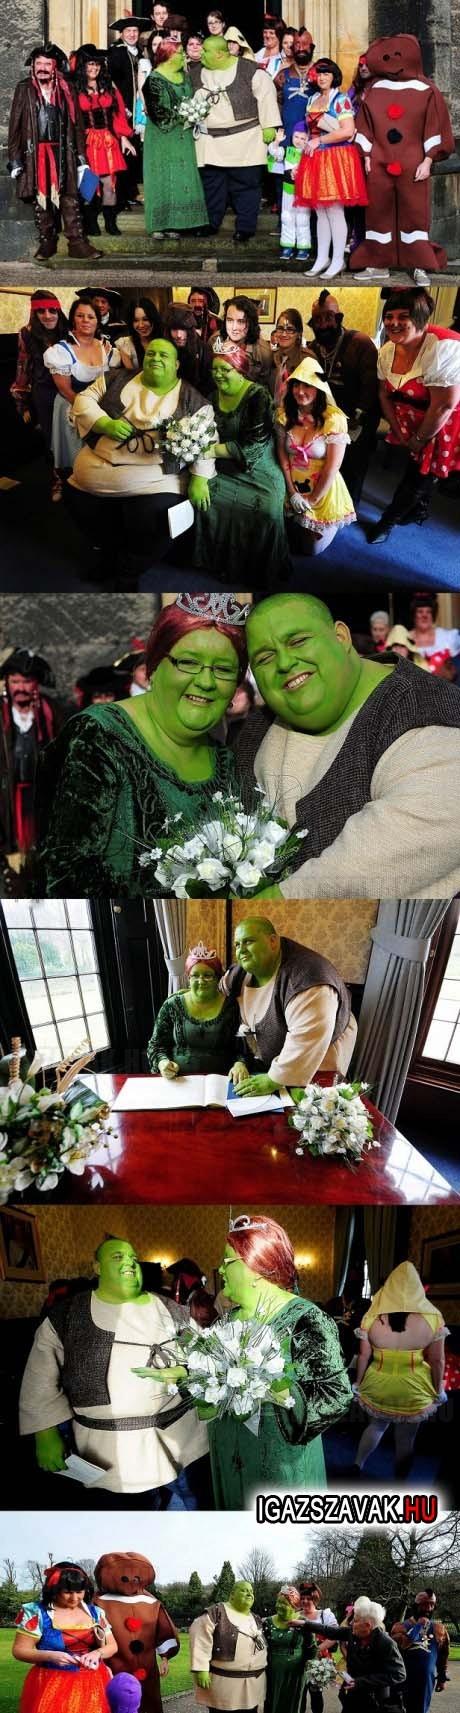 Itt az év legaranyosabb esküvője! Garantált a könnyes mosoly